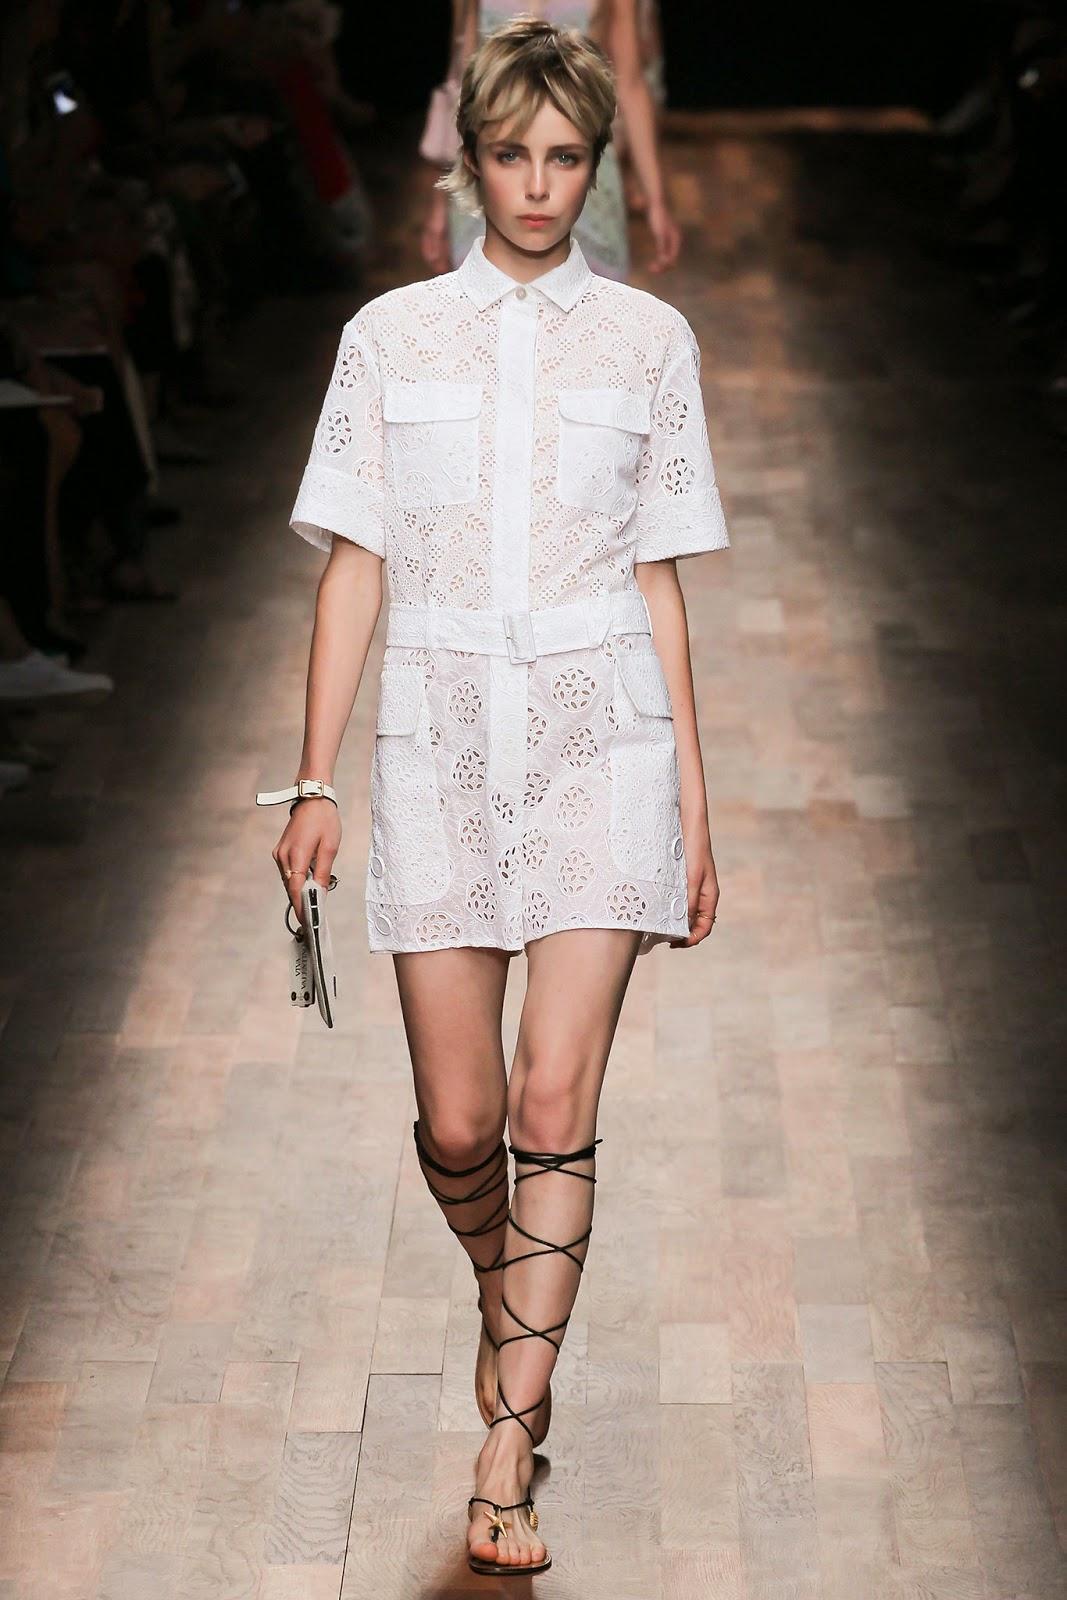 valentino 2015 summer 2016 trend women dress33 Valentino 2015 samling, våren sommaren 2016 Valentino klänning modeller, Valentino kväll klänning nya säsongen kvinnors kjolar modeller